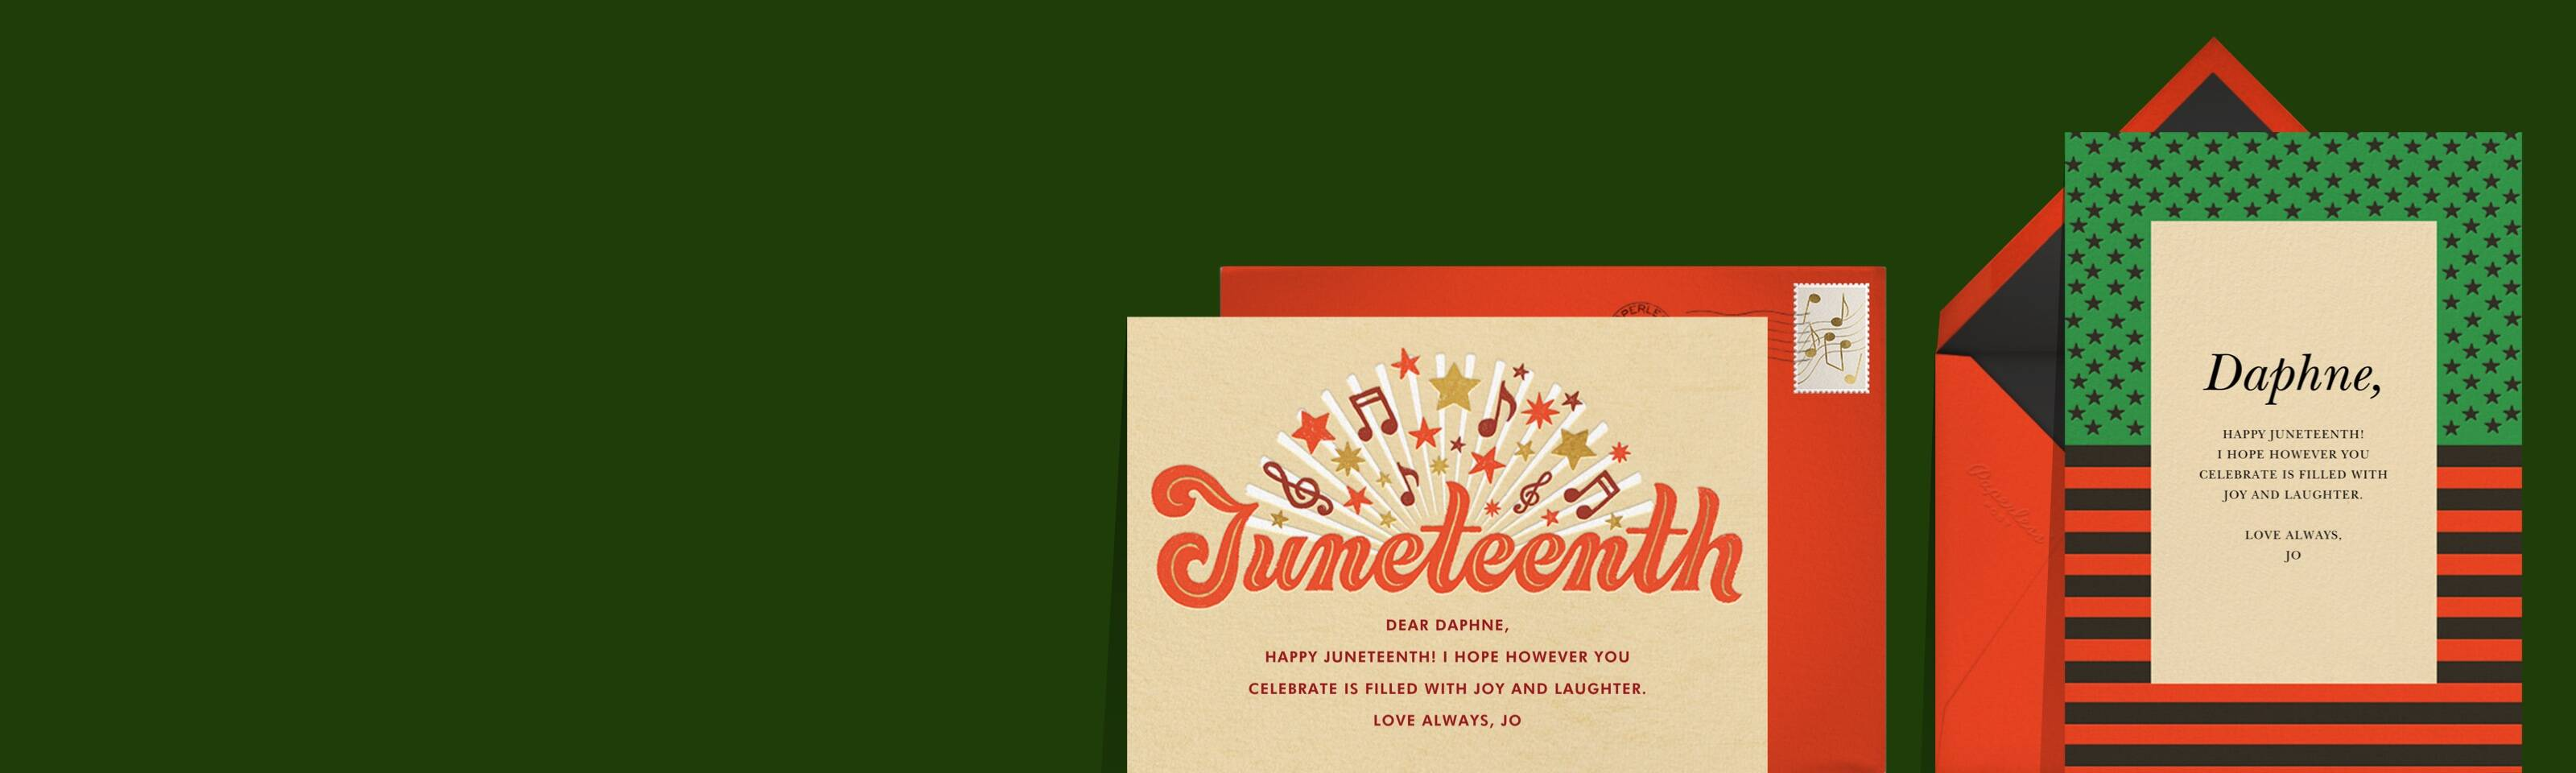 Juneteenth cards